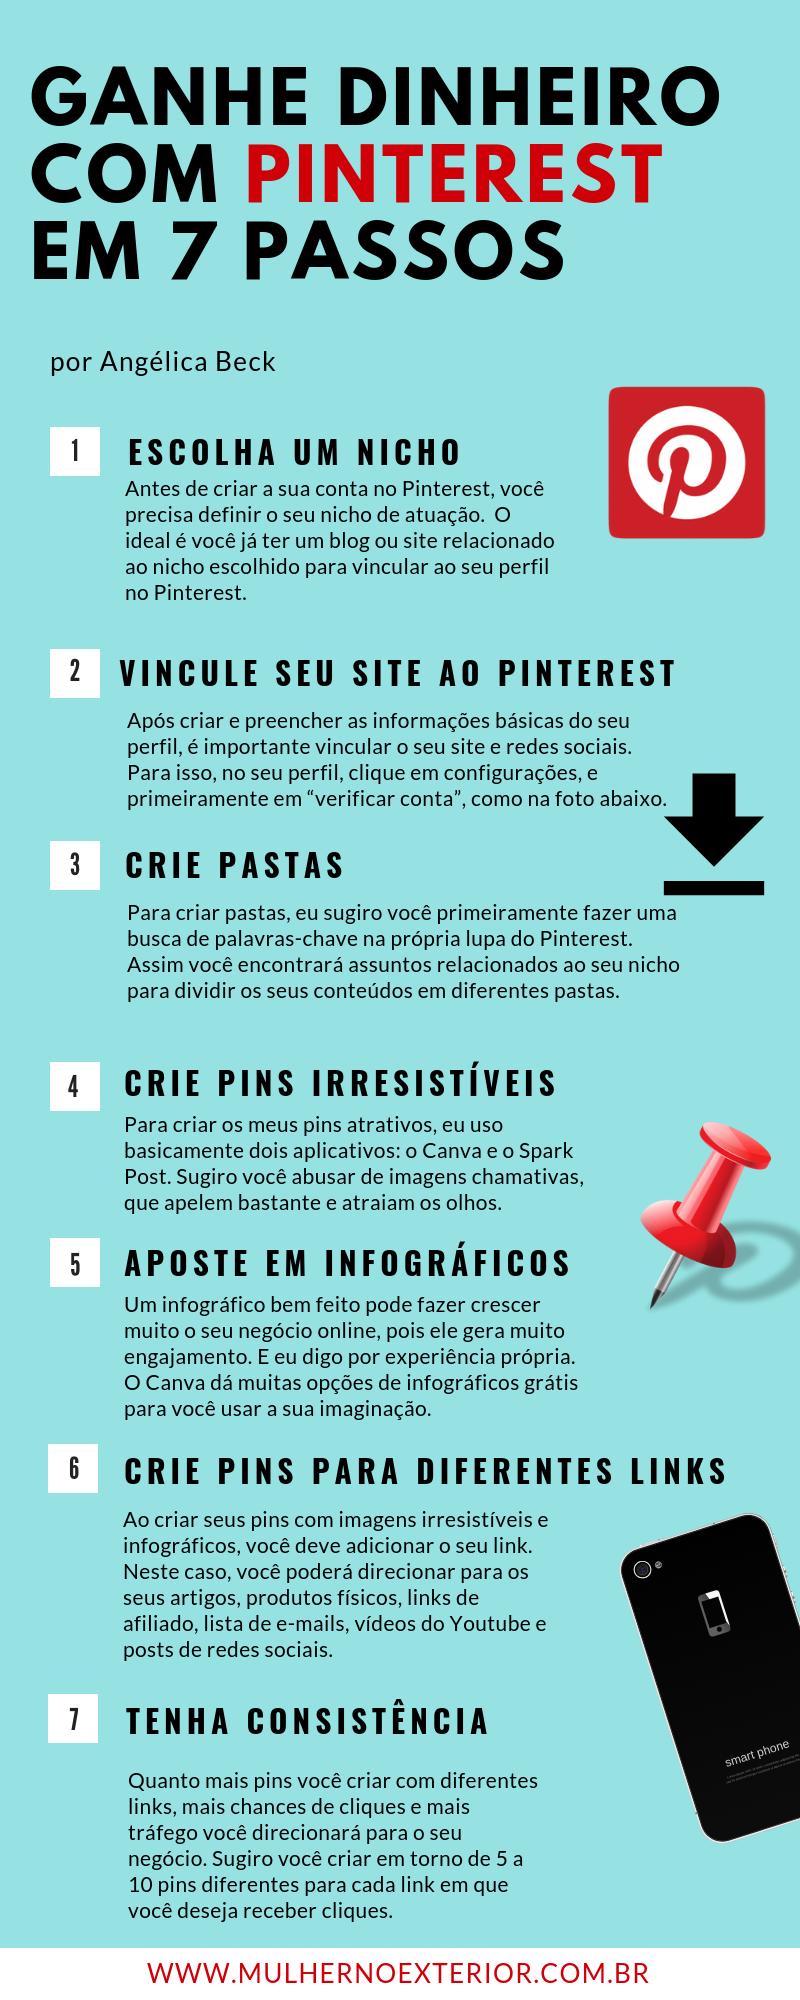 procurando maneiras de ganhar dinheiro on-line rápido portugal como ganhar dinheiro fazendo um site